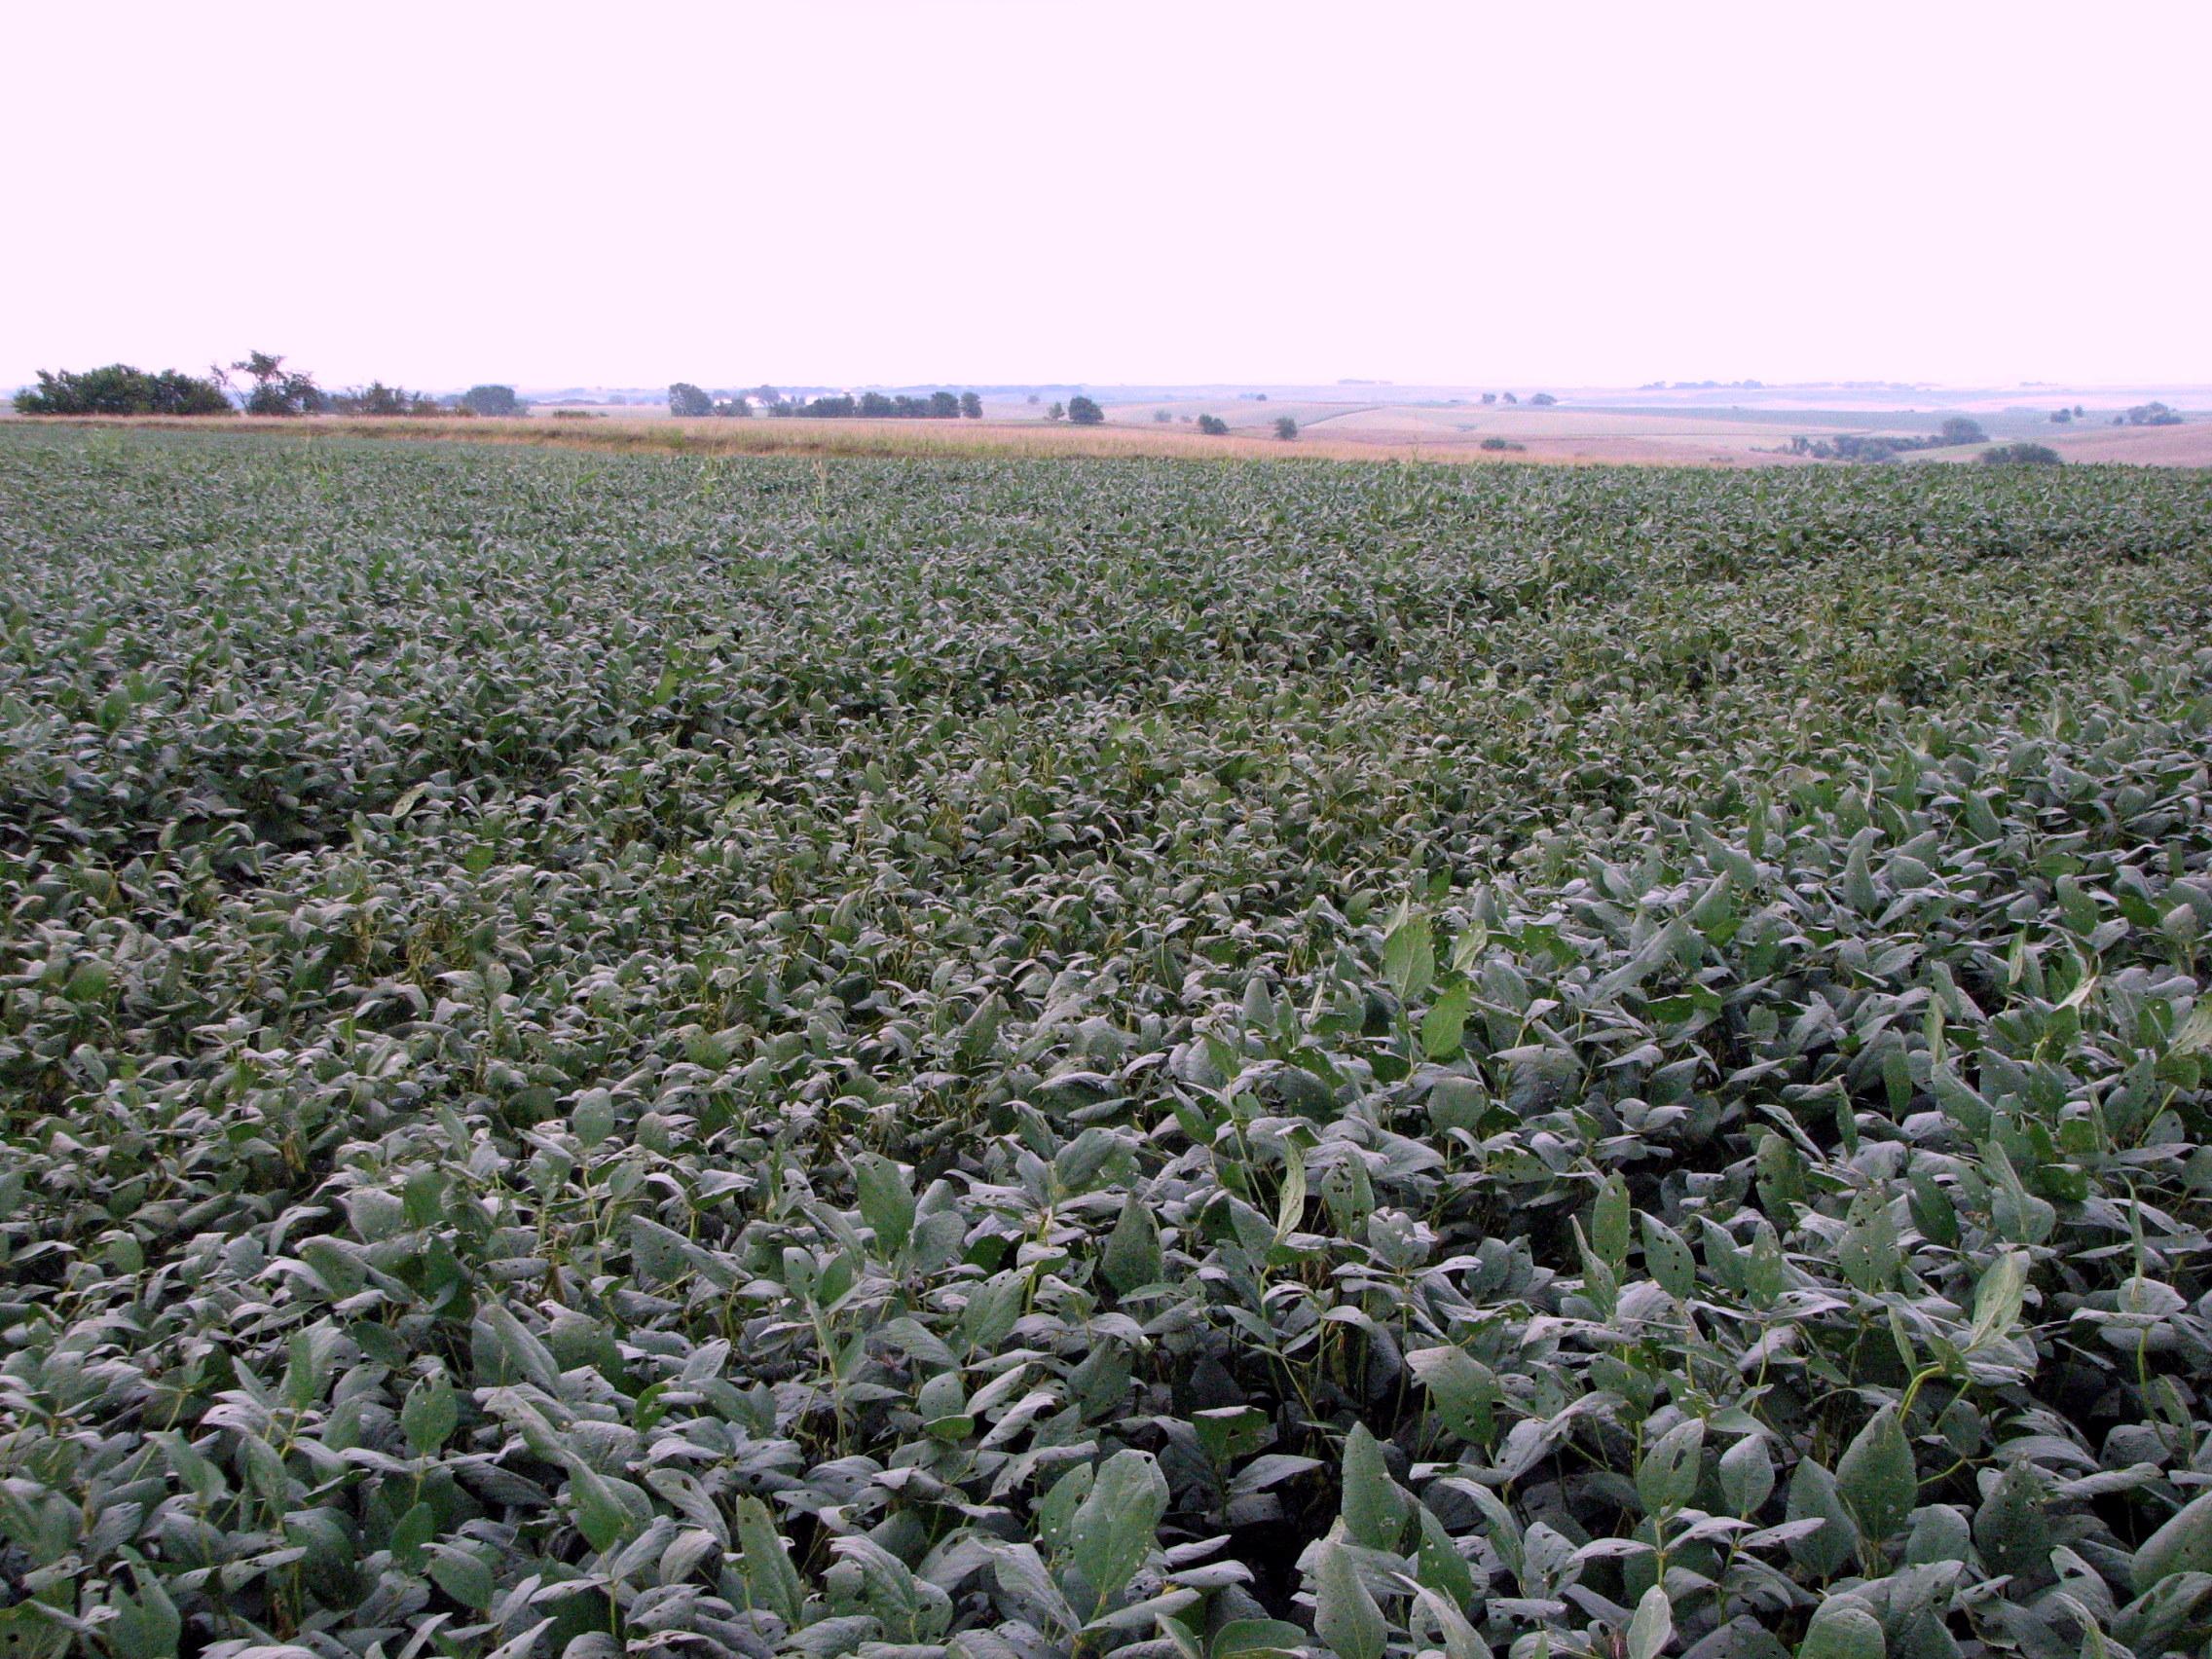 Soybean plants with bean pod mottle.